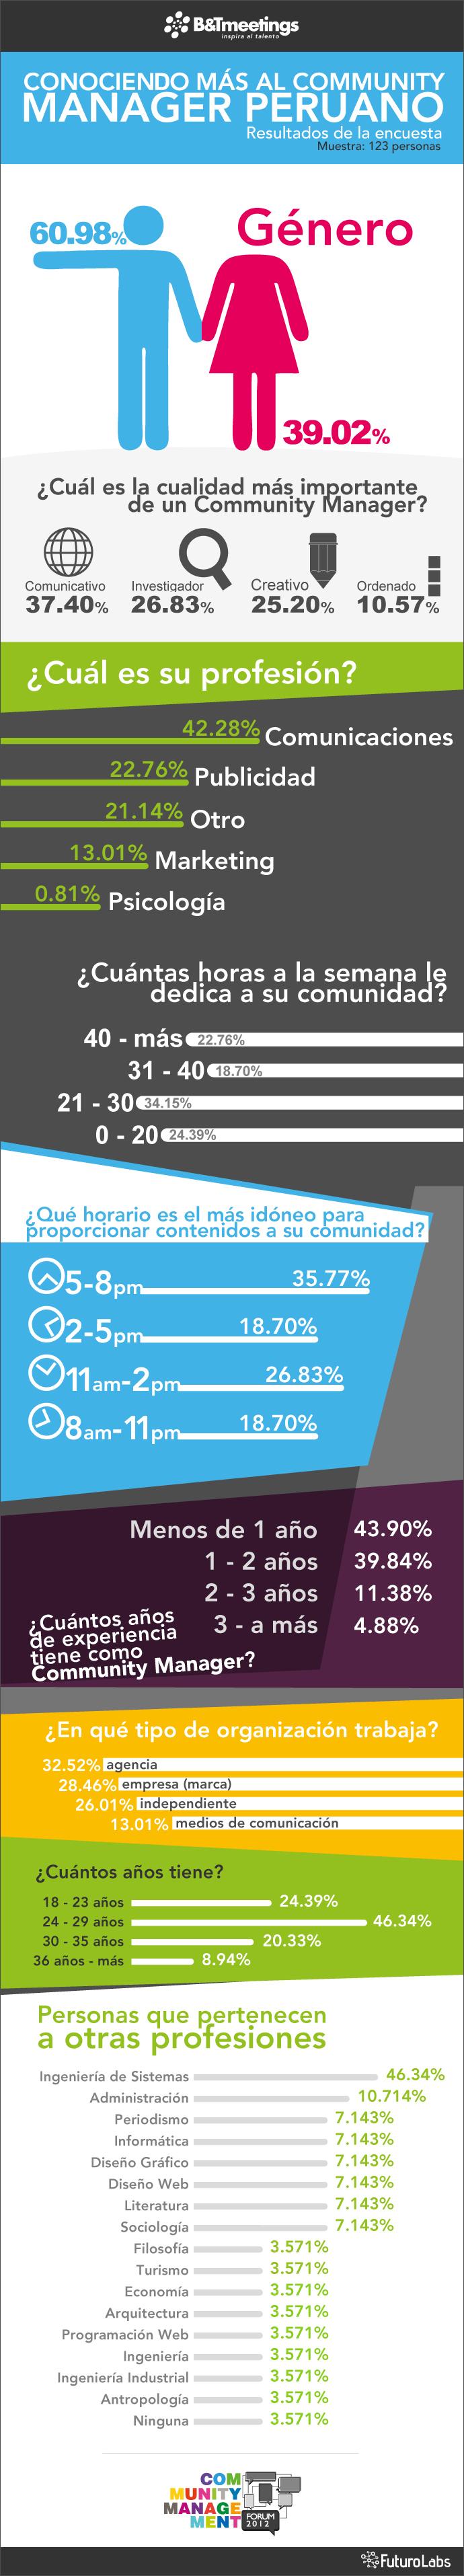 encuesta-community-manager-peruano